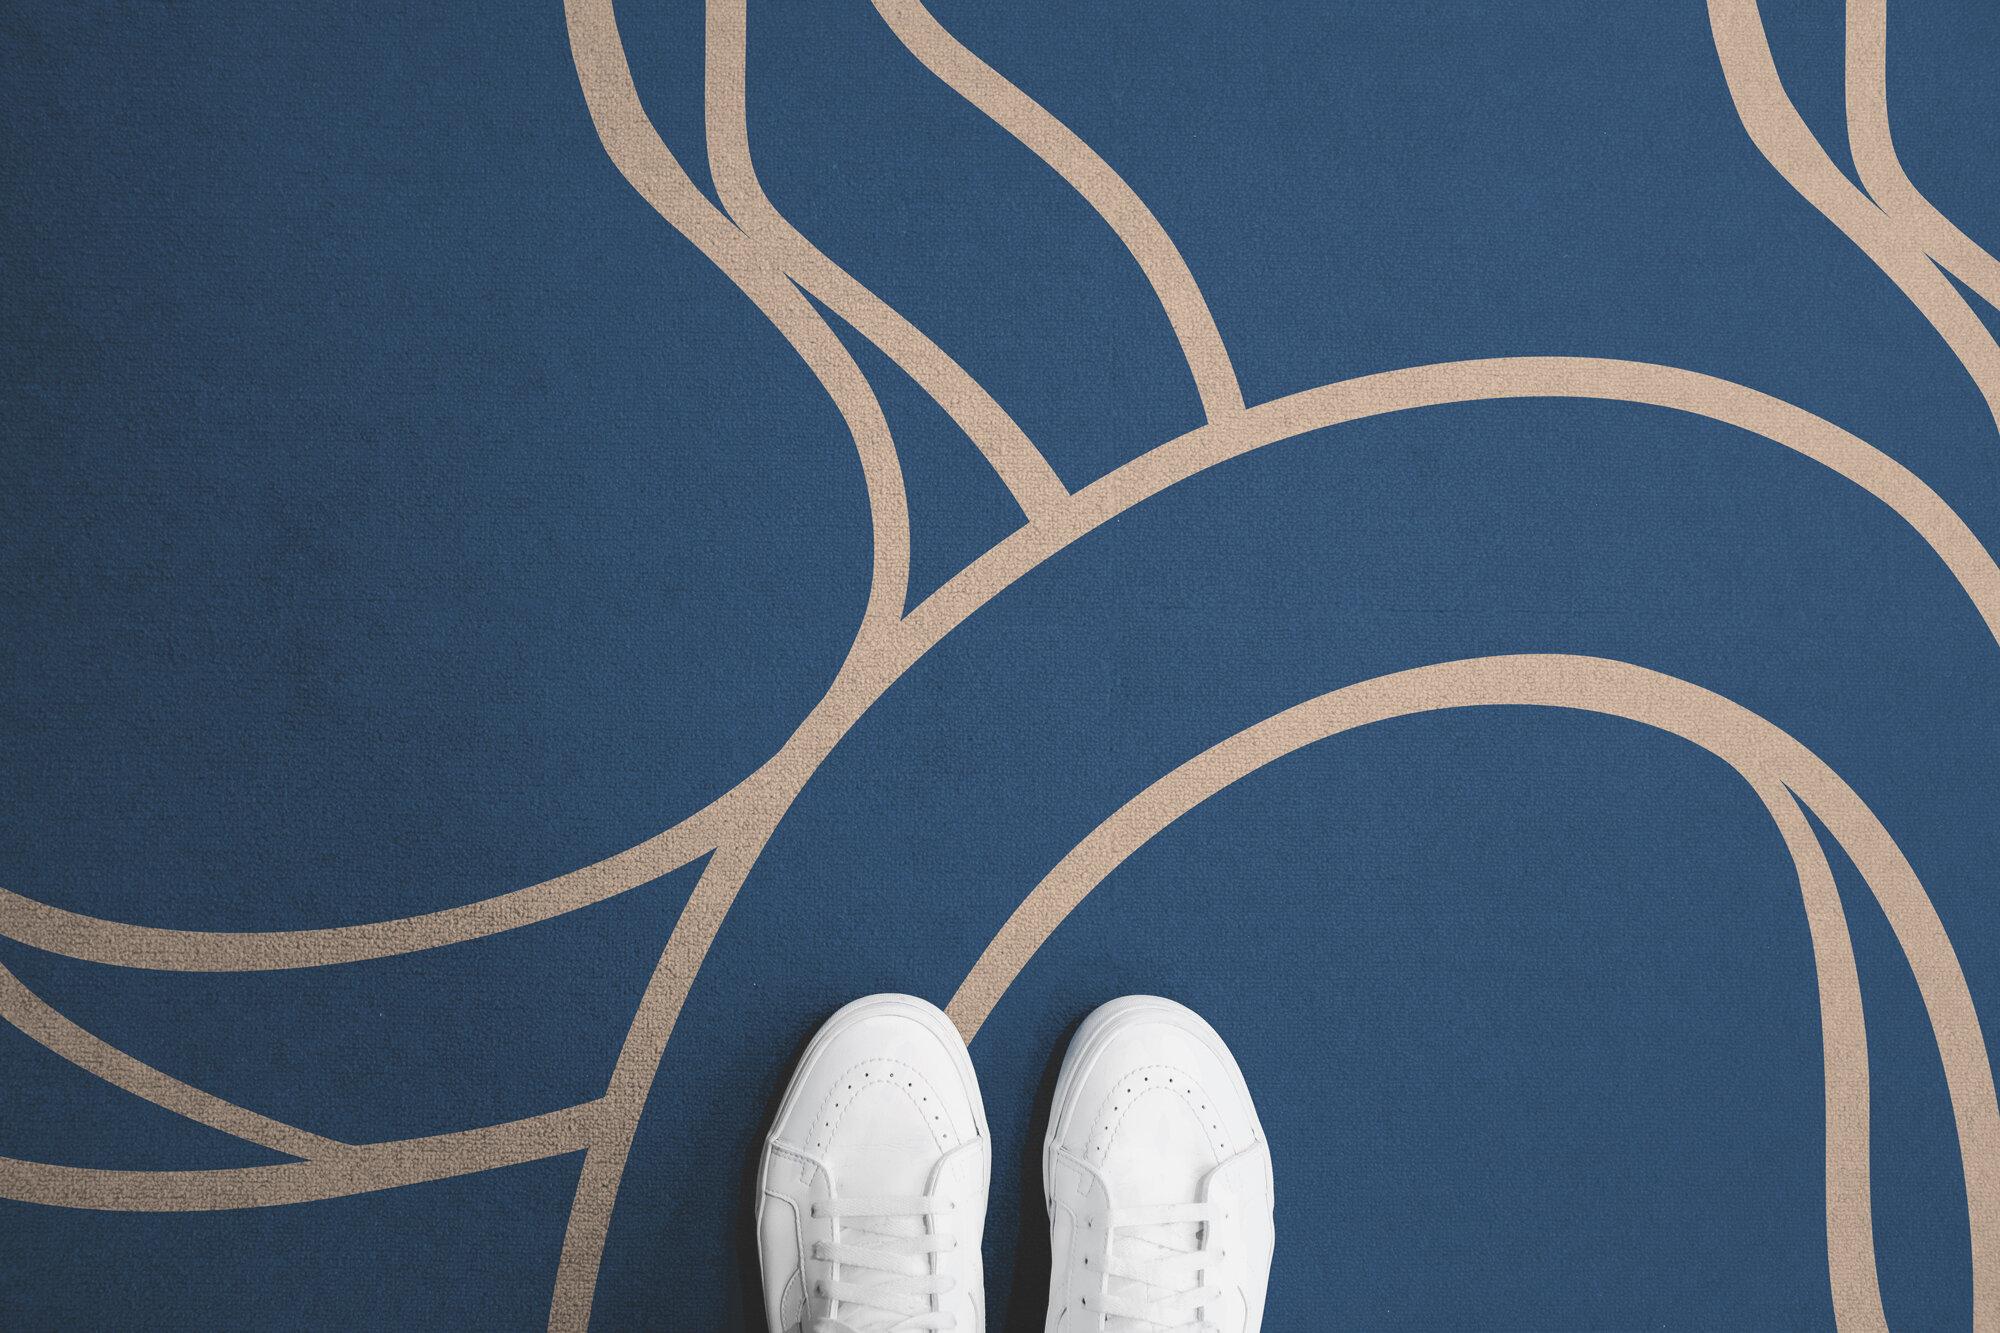 Teppich.jpg